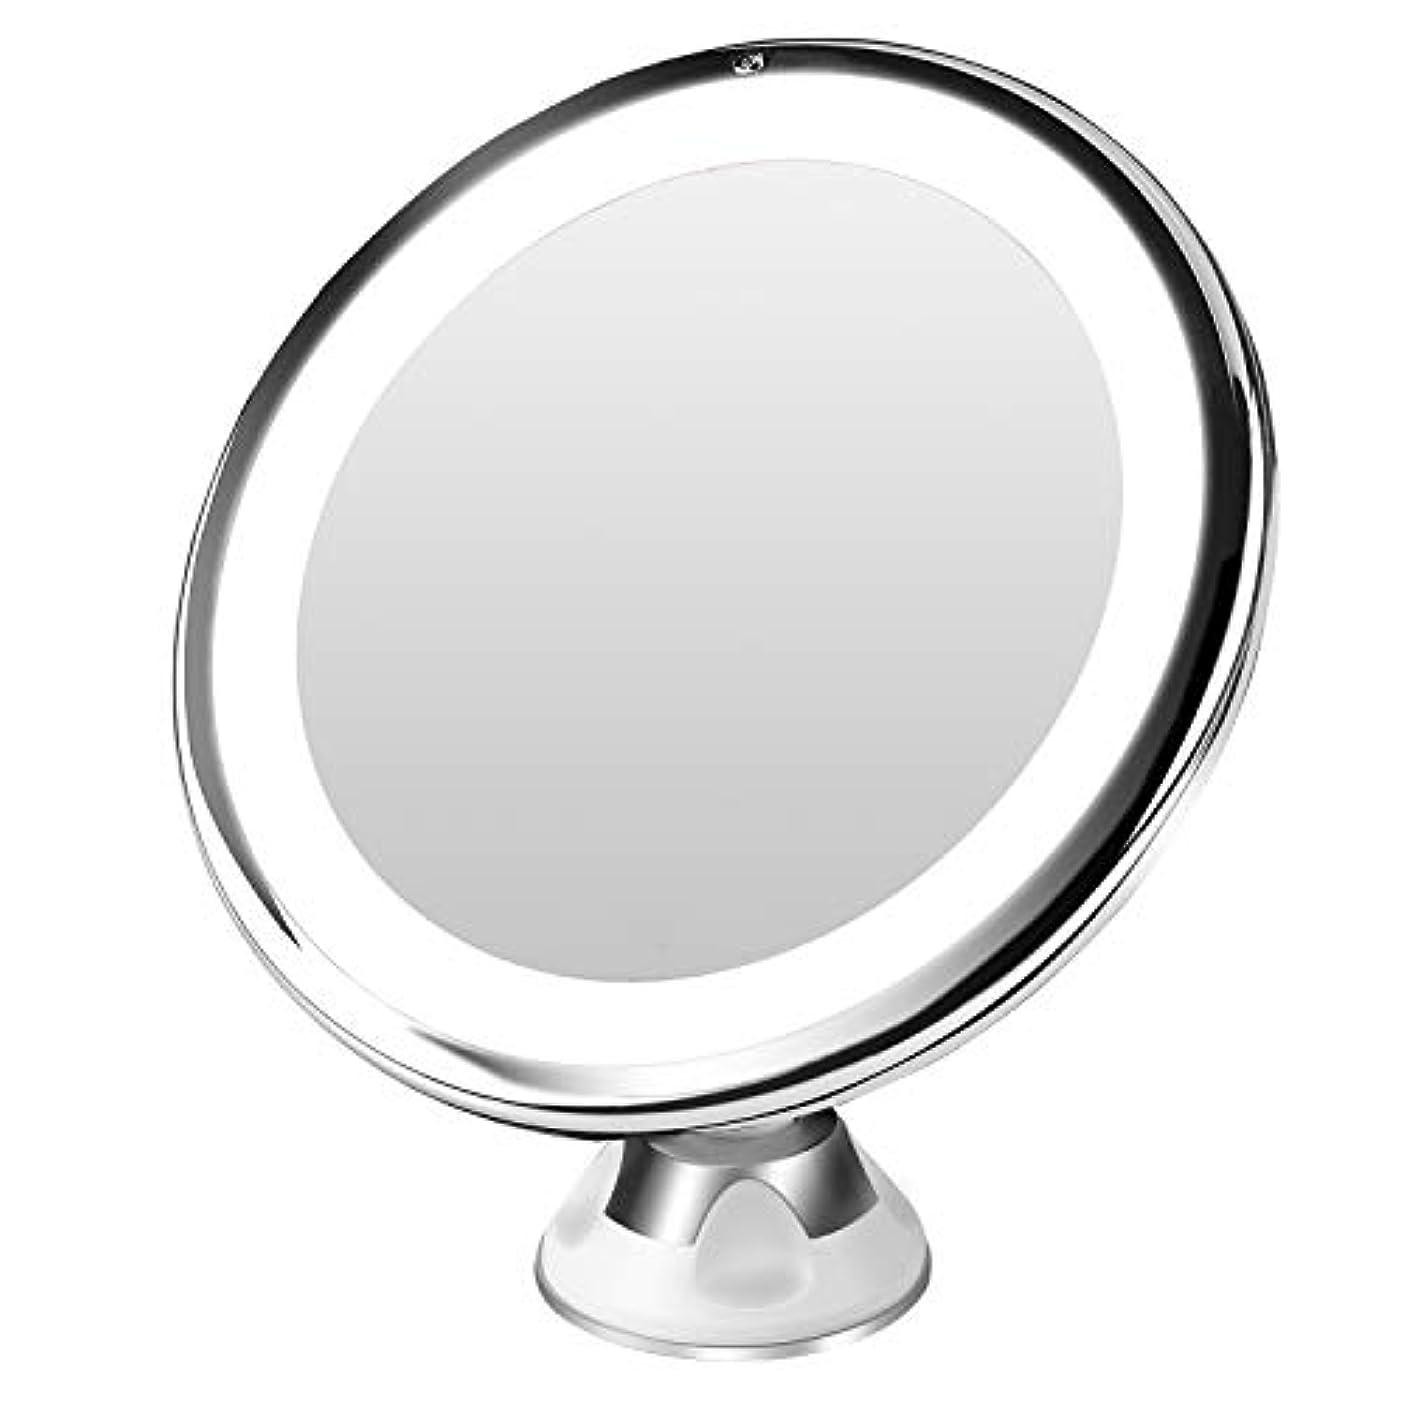 亜熱帯コンピューターワークショップBESTOPE 10倍拡大鏡 LED化粧鏡 浴室鏡 卓上鏡 曇らないミラー 吸盤ロック付きLEDミラー 壁掛けメイクミラー 360度回転スタンドミラー 単四電池&USB給電(改良版)